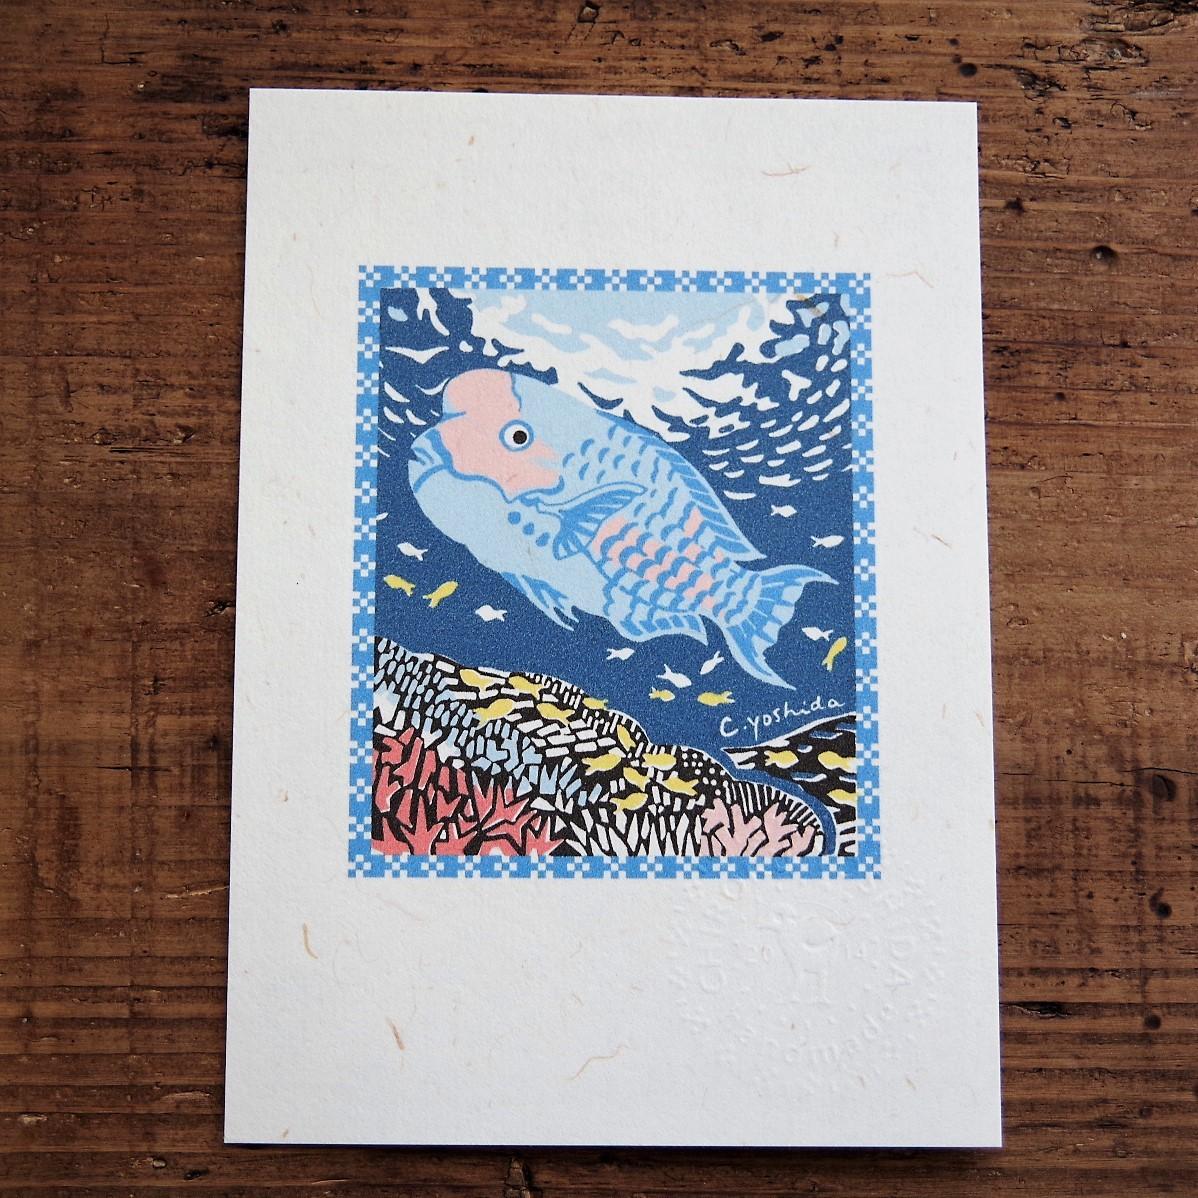 【Yoshida Chiroru】琉球ポストカード イラブチャーと珊瑚の海